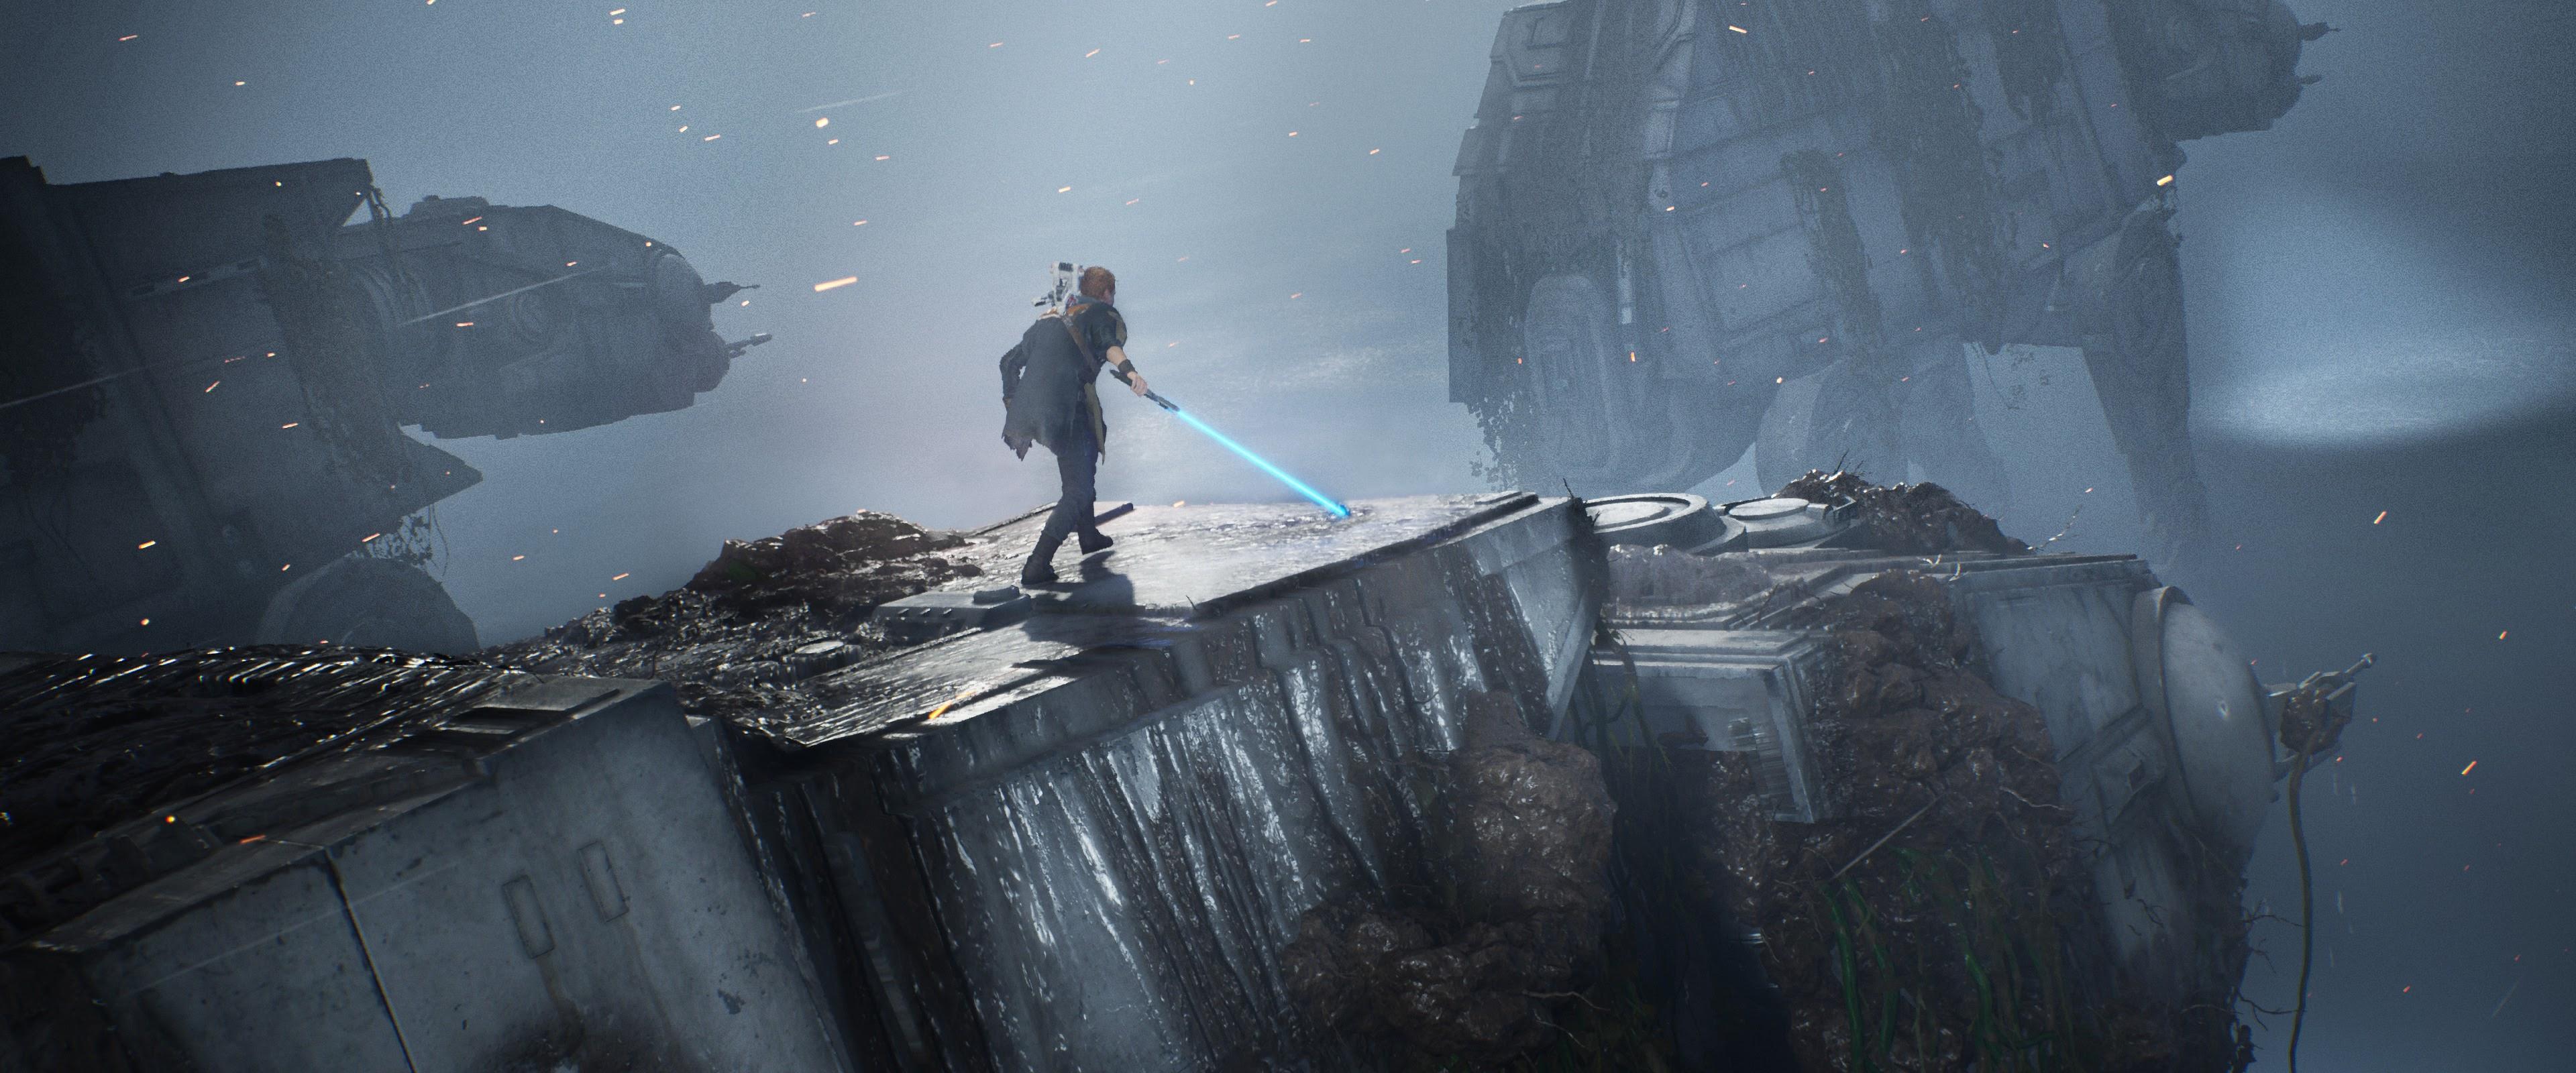 Star Wars Jedi Fallen Order 4k Wallpaper Star Wars Jedi Fallen Order 2941446 Hd Wallpaper Backgrounds Download